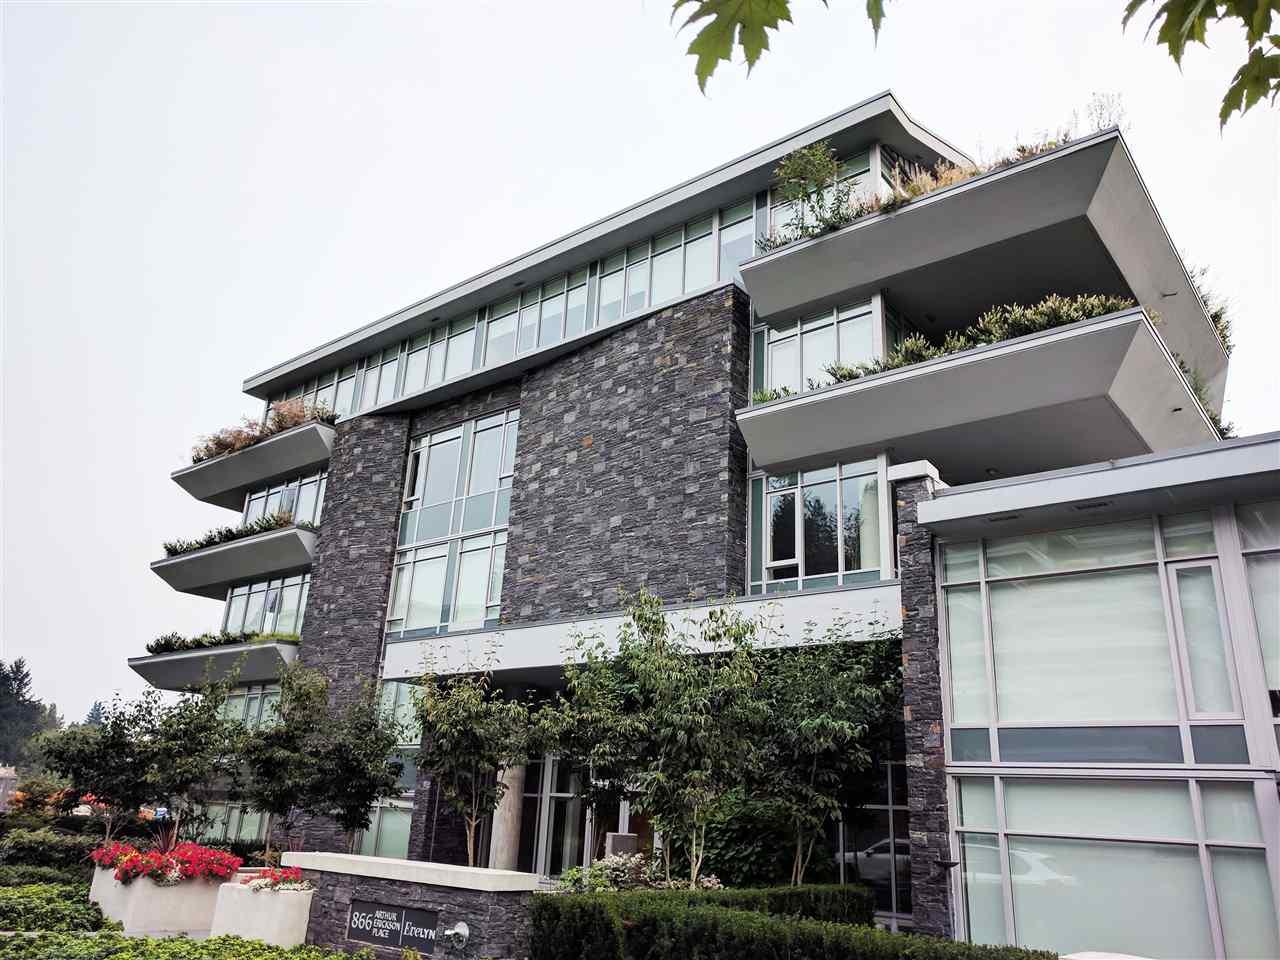 601 866 ARTHUR ERICKSON PLACE, West Vancouver, BC, V7T 0B2 Photo 1